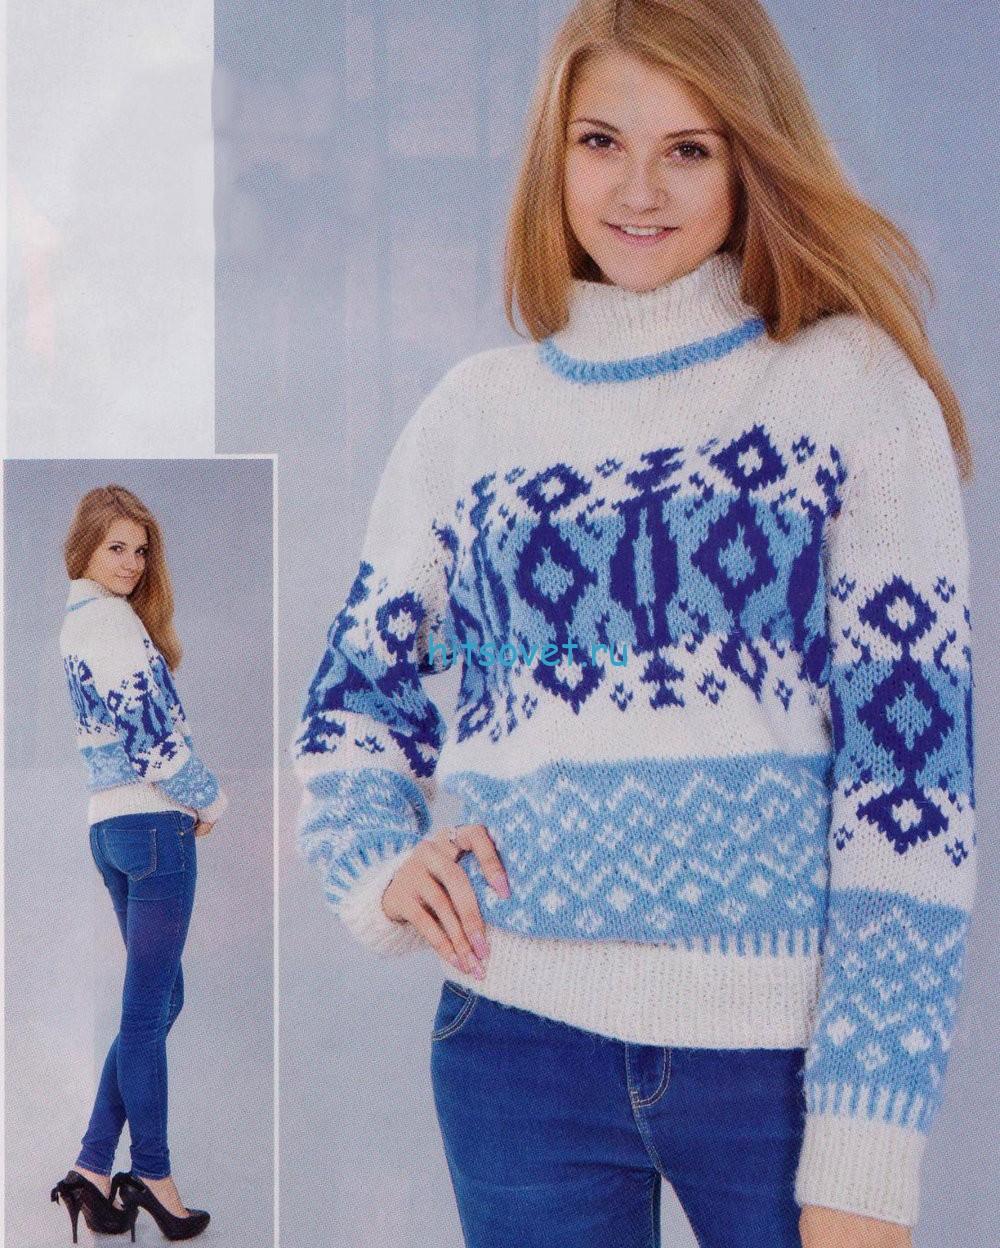 Вязаный свитер с жаккардом в голубых тонах